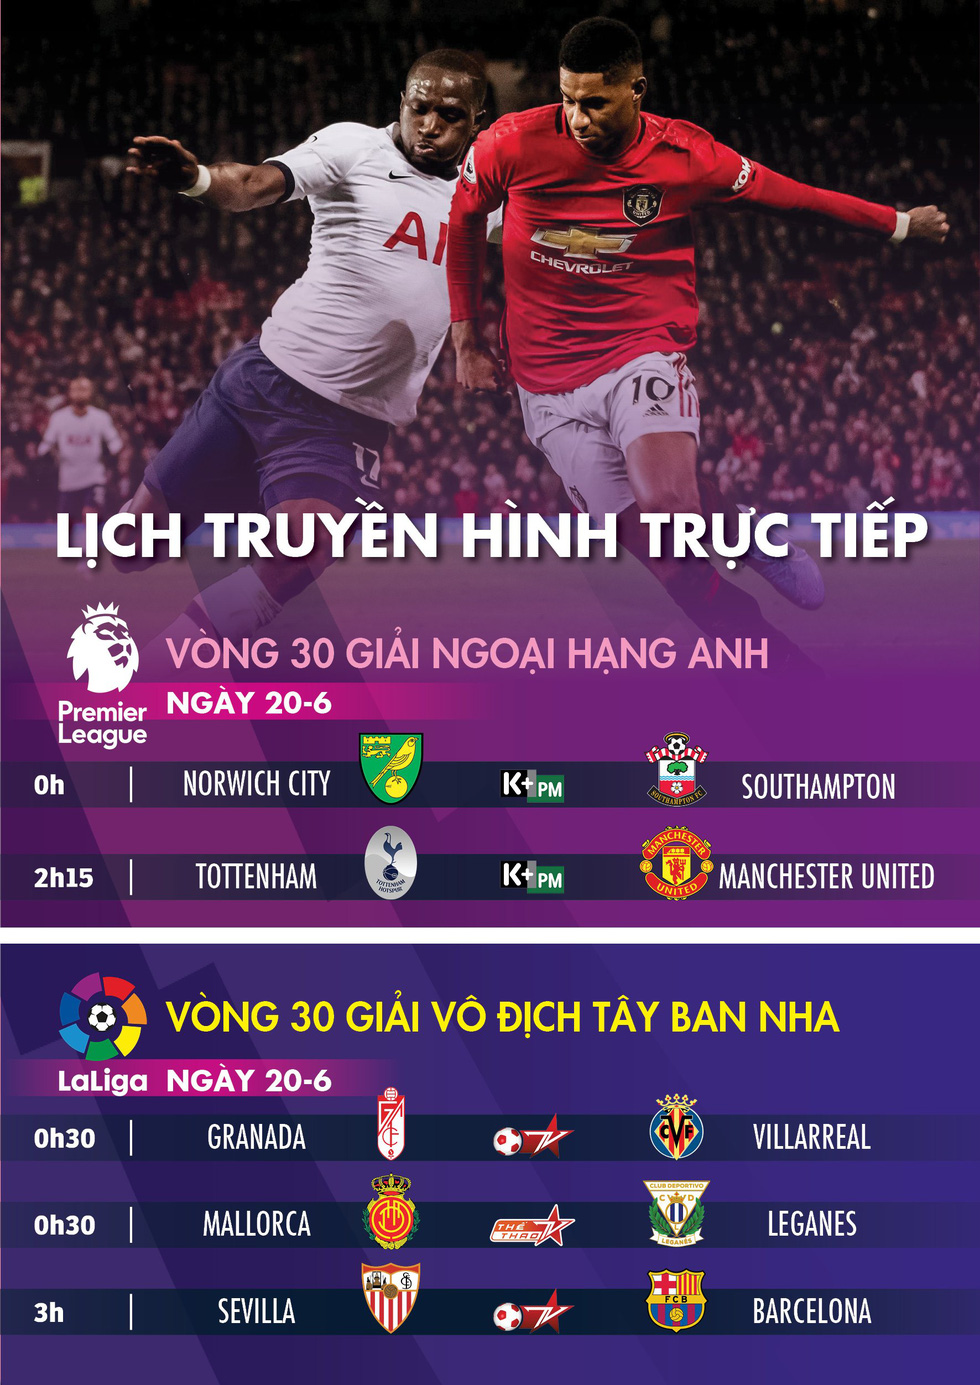 Lịch trực tiếp bóng đá châu Âu 20-6: Đại chiến Tottenham - Manchester United - Ảnh 1.